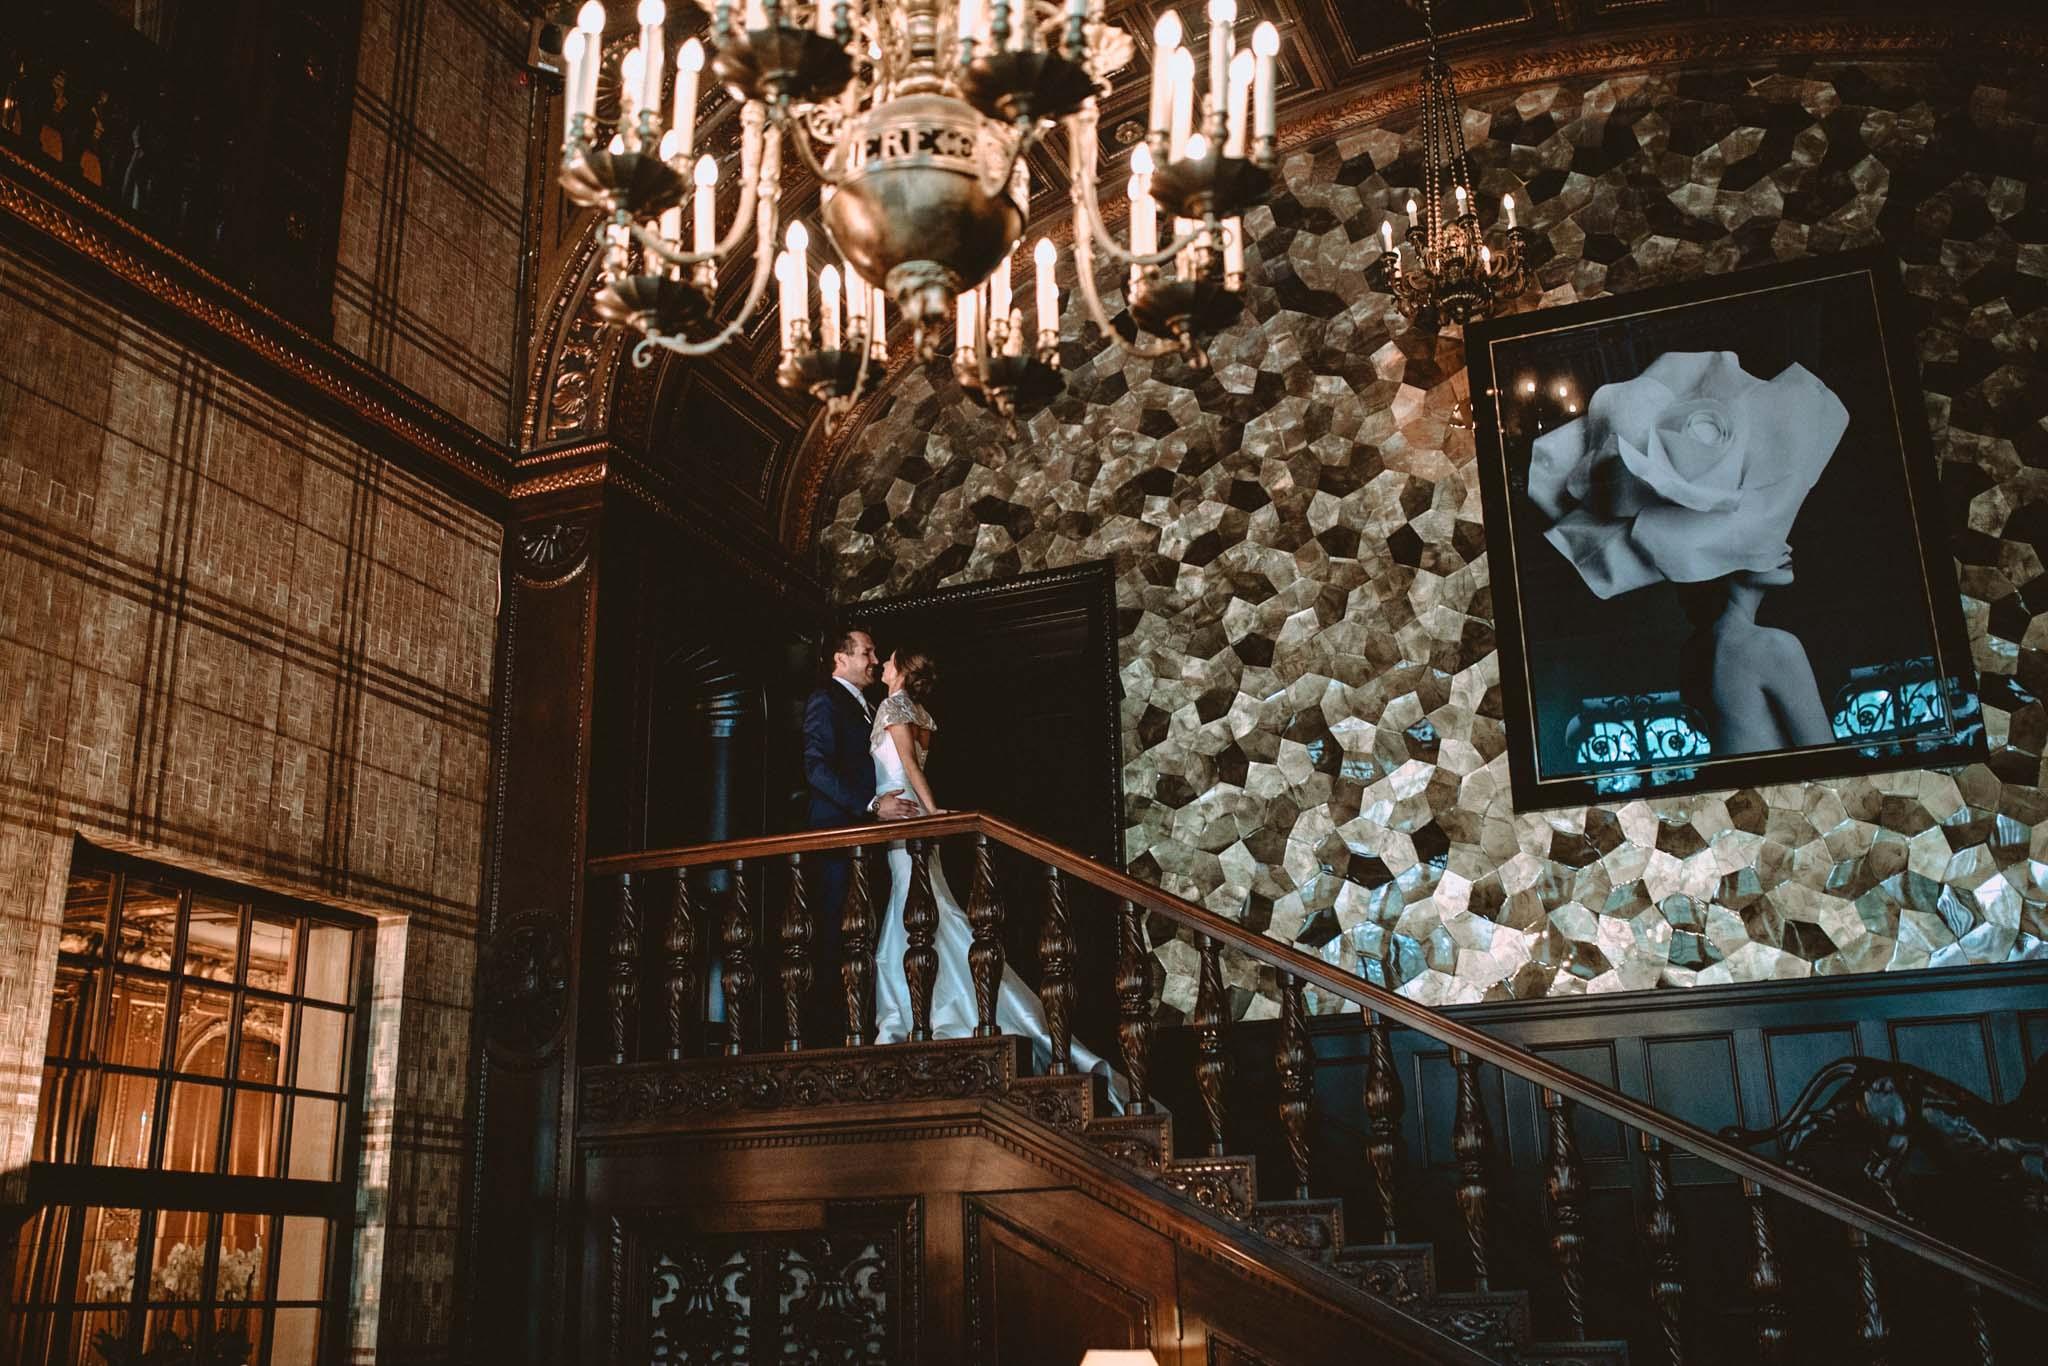 Hochzeit_Berlin_Patrick_Hellmann_Schlosshotel109